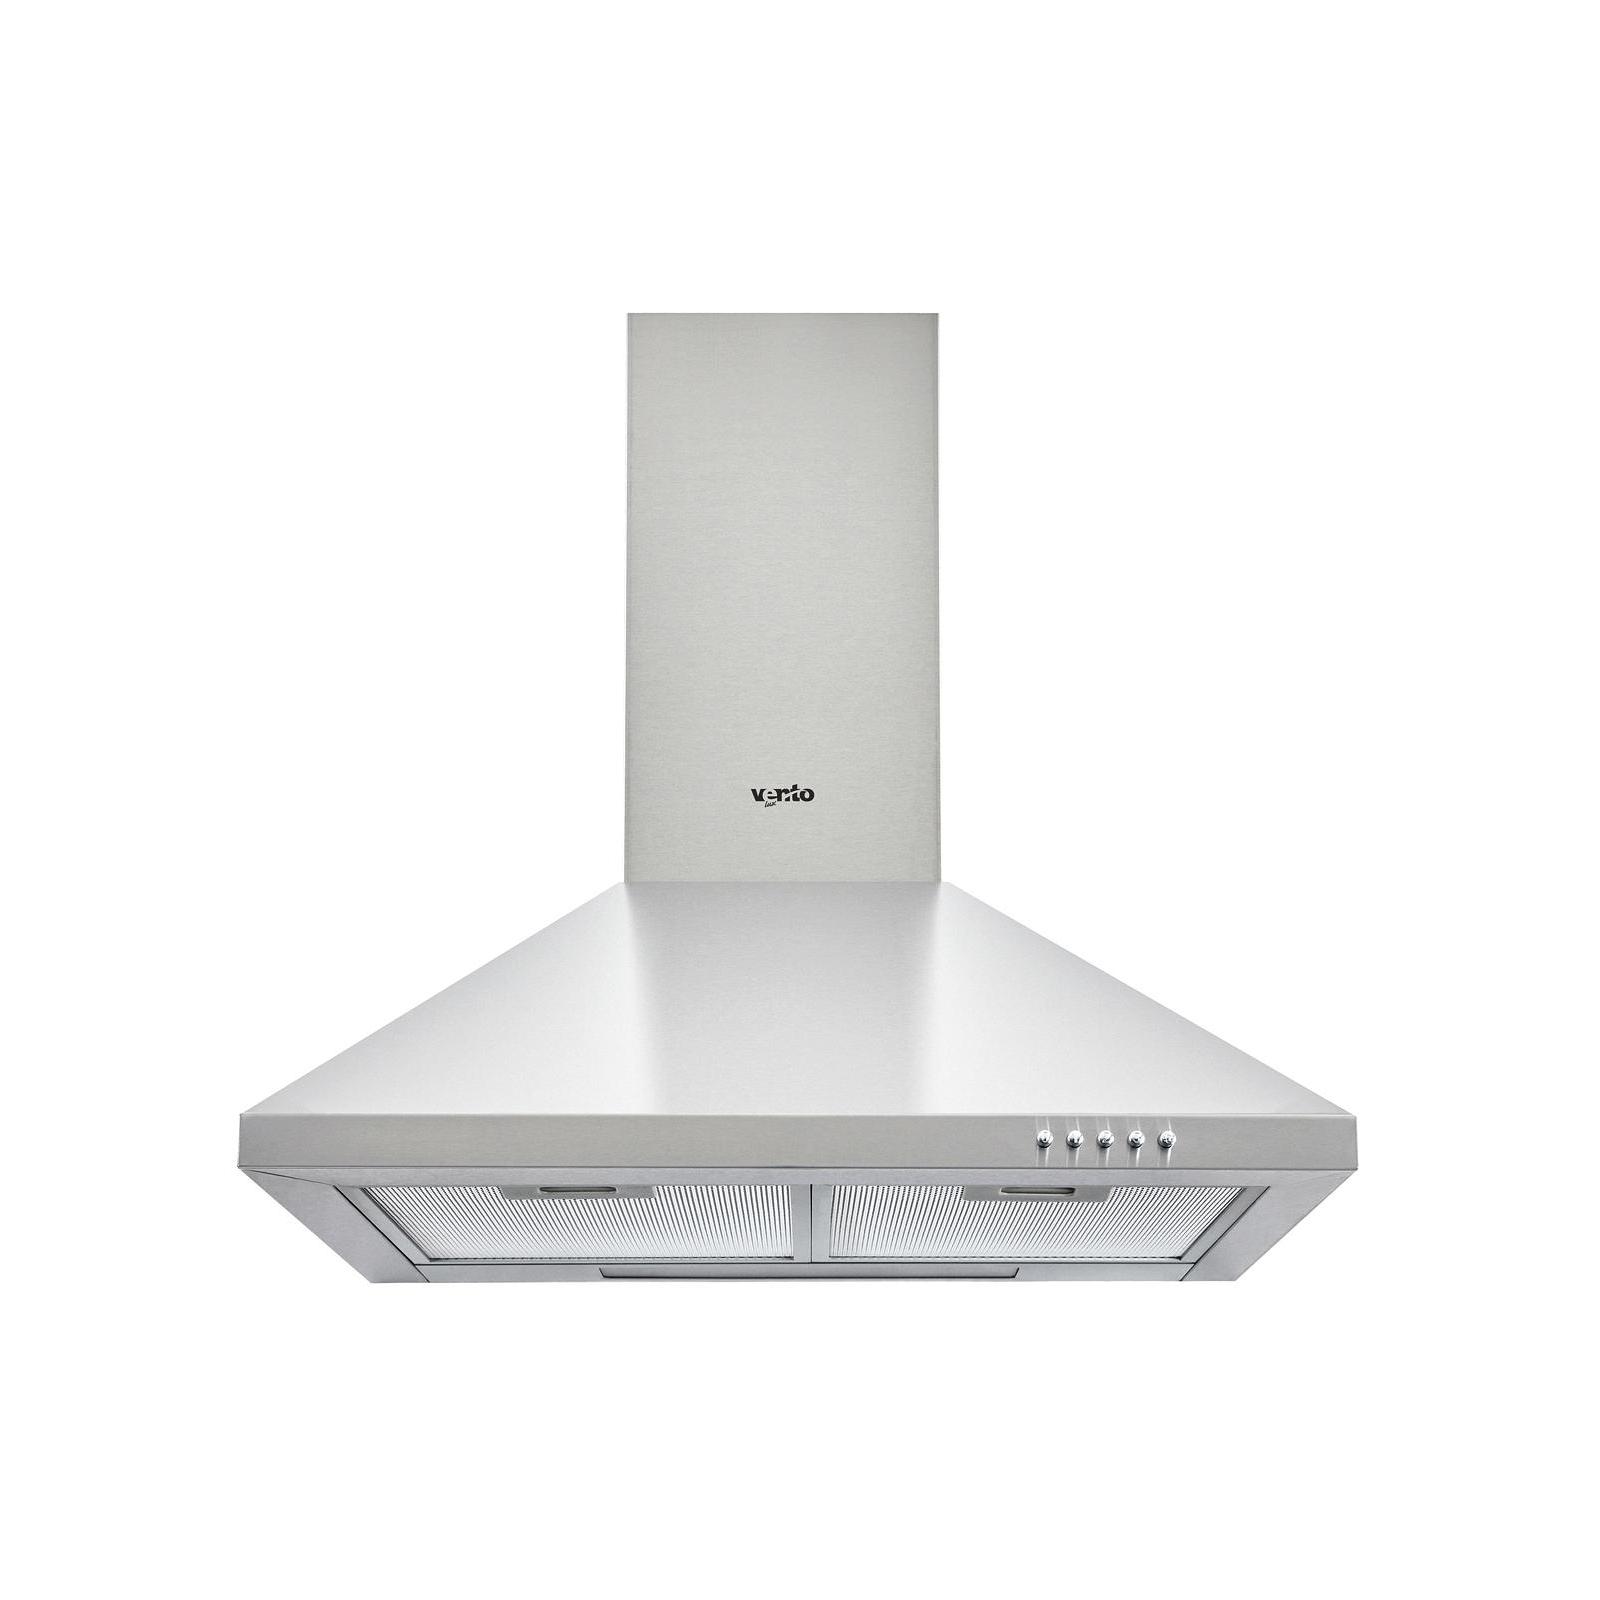 Вытяжка кухонная Ventolux MILANO 60 INOX (1000) PB изображение 2